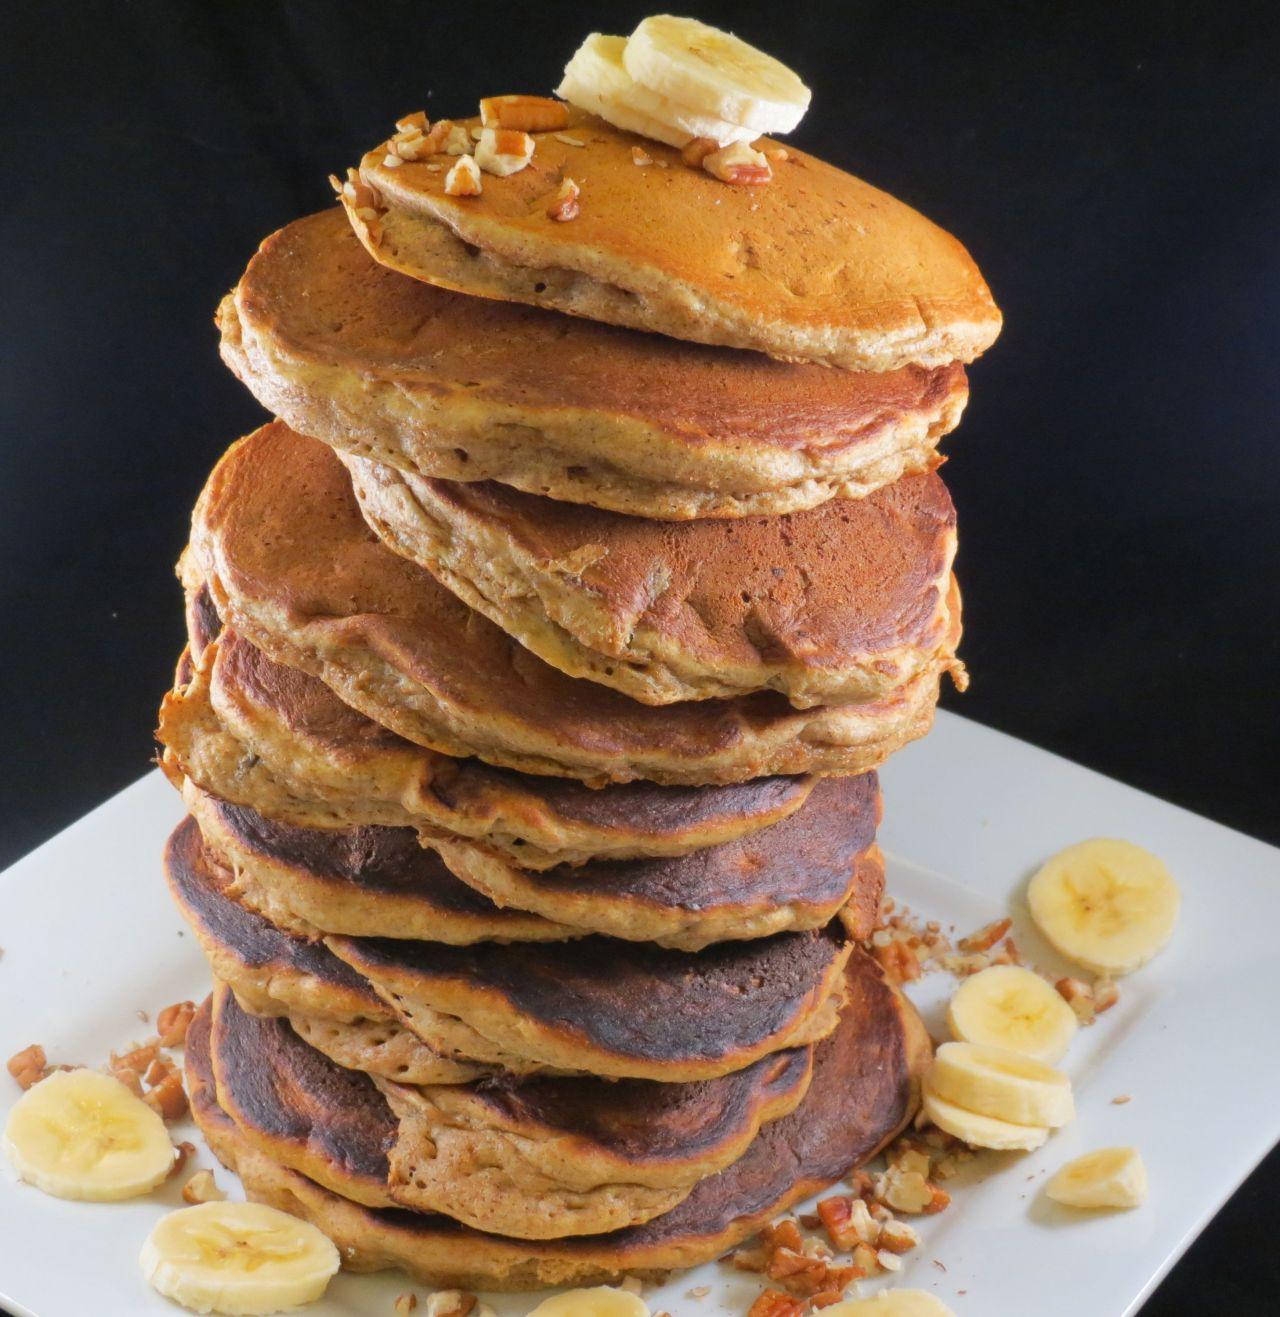 Banana Pecan Pancakes Stacked High